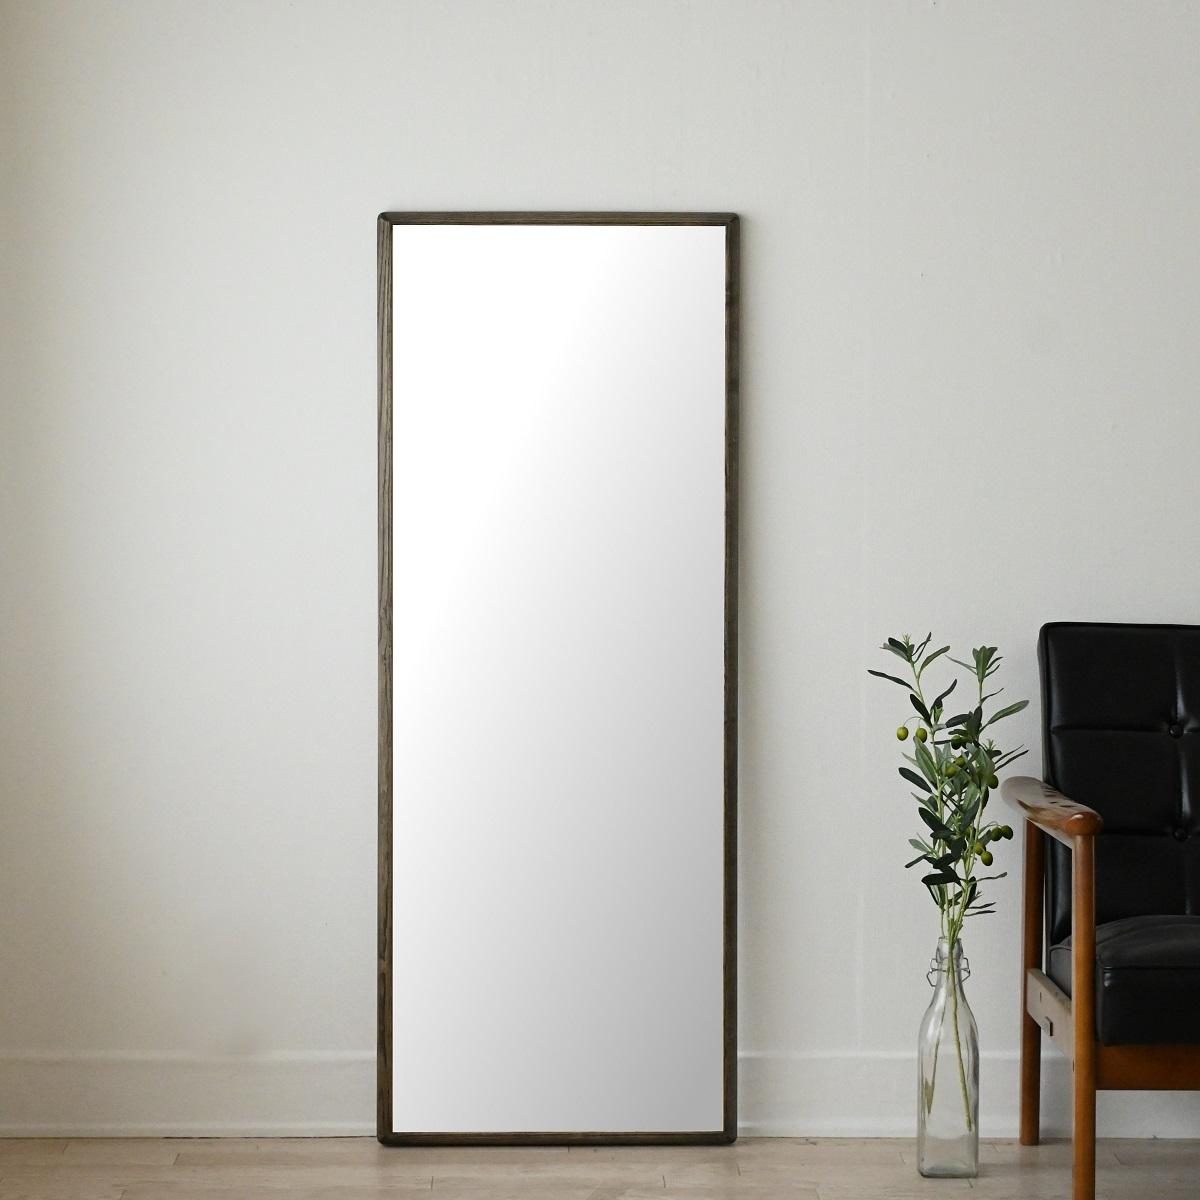 センノキ天然木SENNOKI鏡おしゃれオーダーミラー日本製インスタ全身鏡大型ダンスリブラステラブラックグレー黒